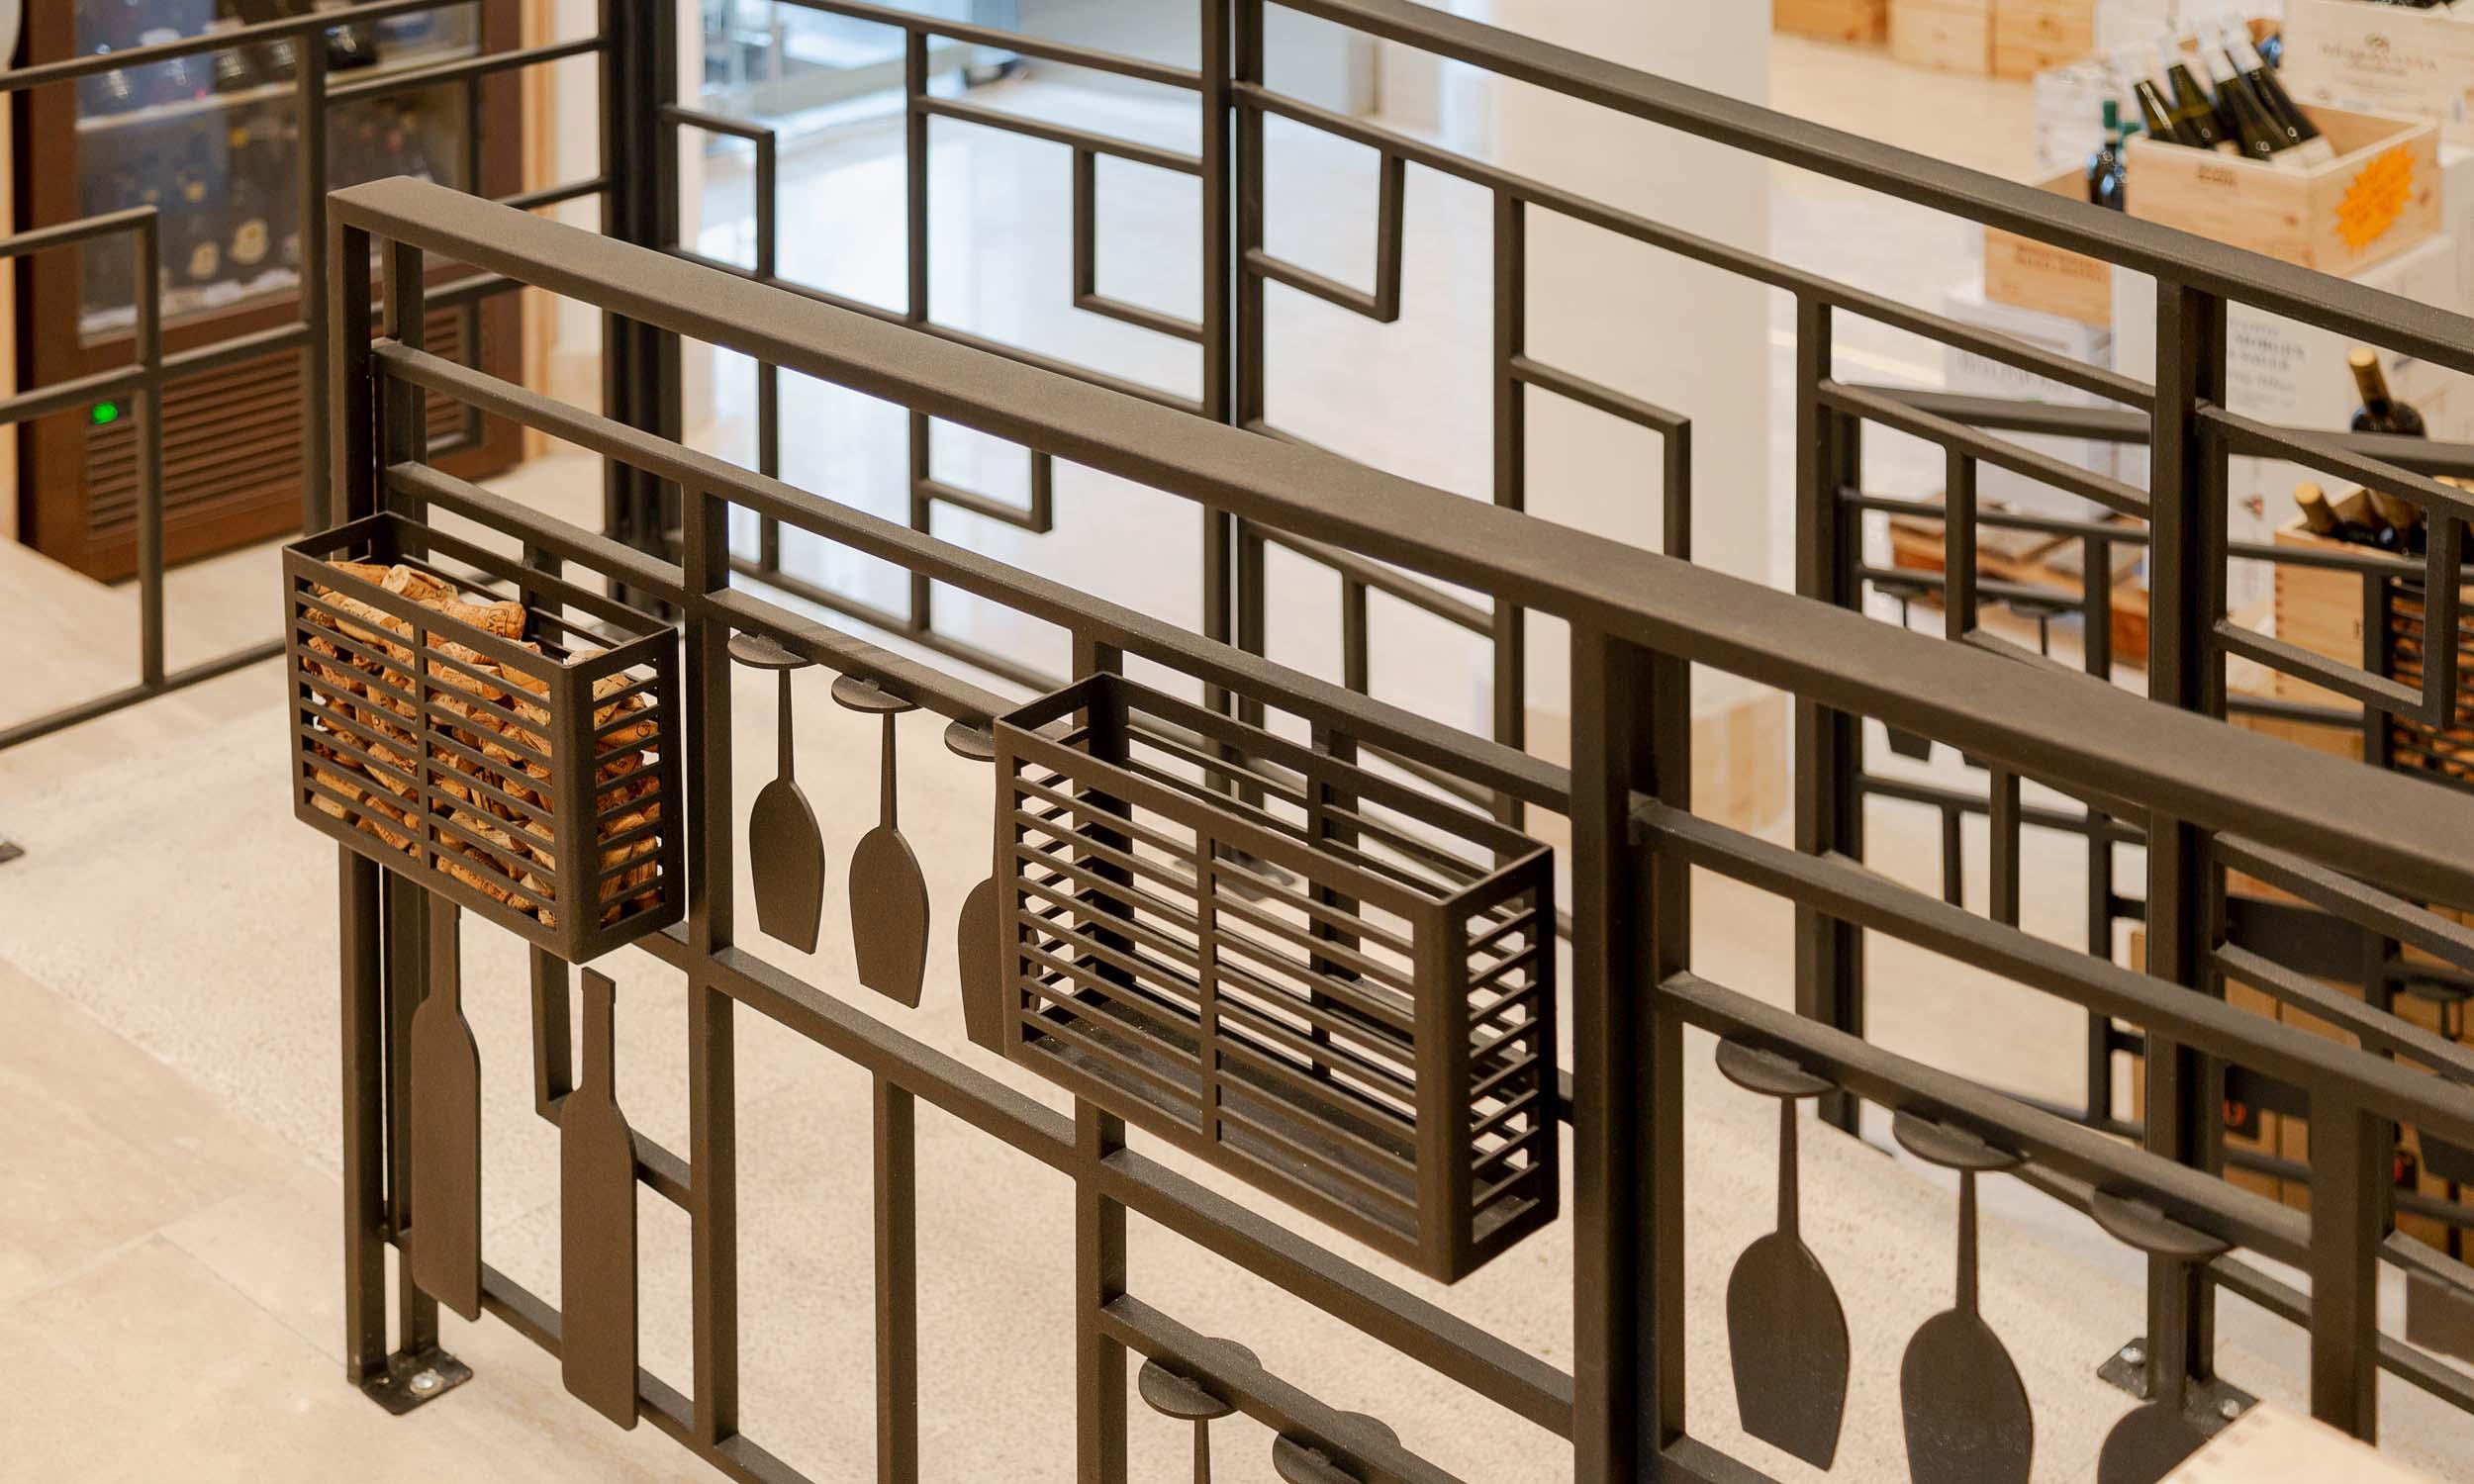 studio-architettura-interior-design-negozi-commerciale-retail-roma-fad-fucine-forniti-5